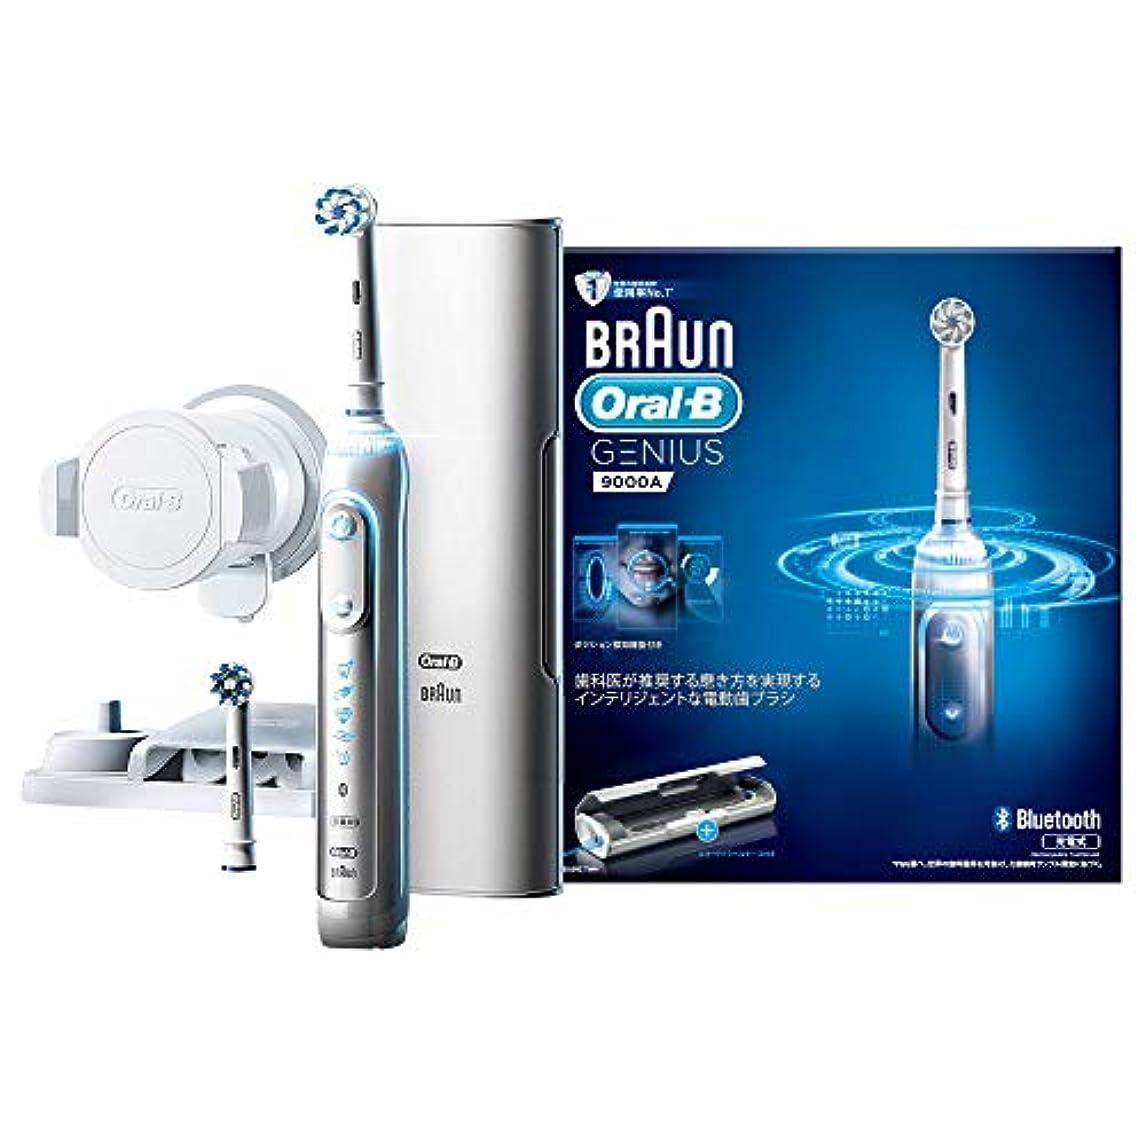 画像決定的食欲ブラウン オーラルB 電動歯ブラシ ジーニアス9000 ホワイト D7015256XCTWH